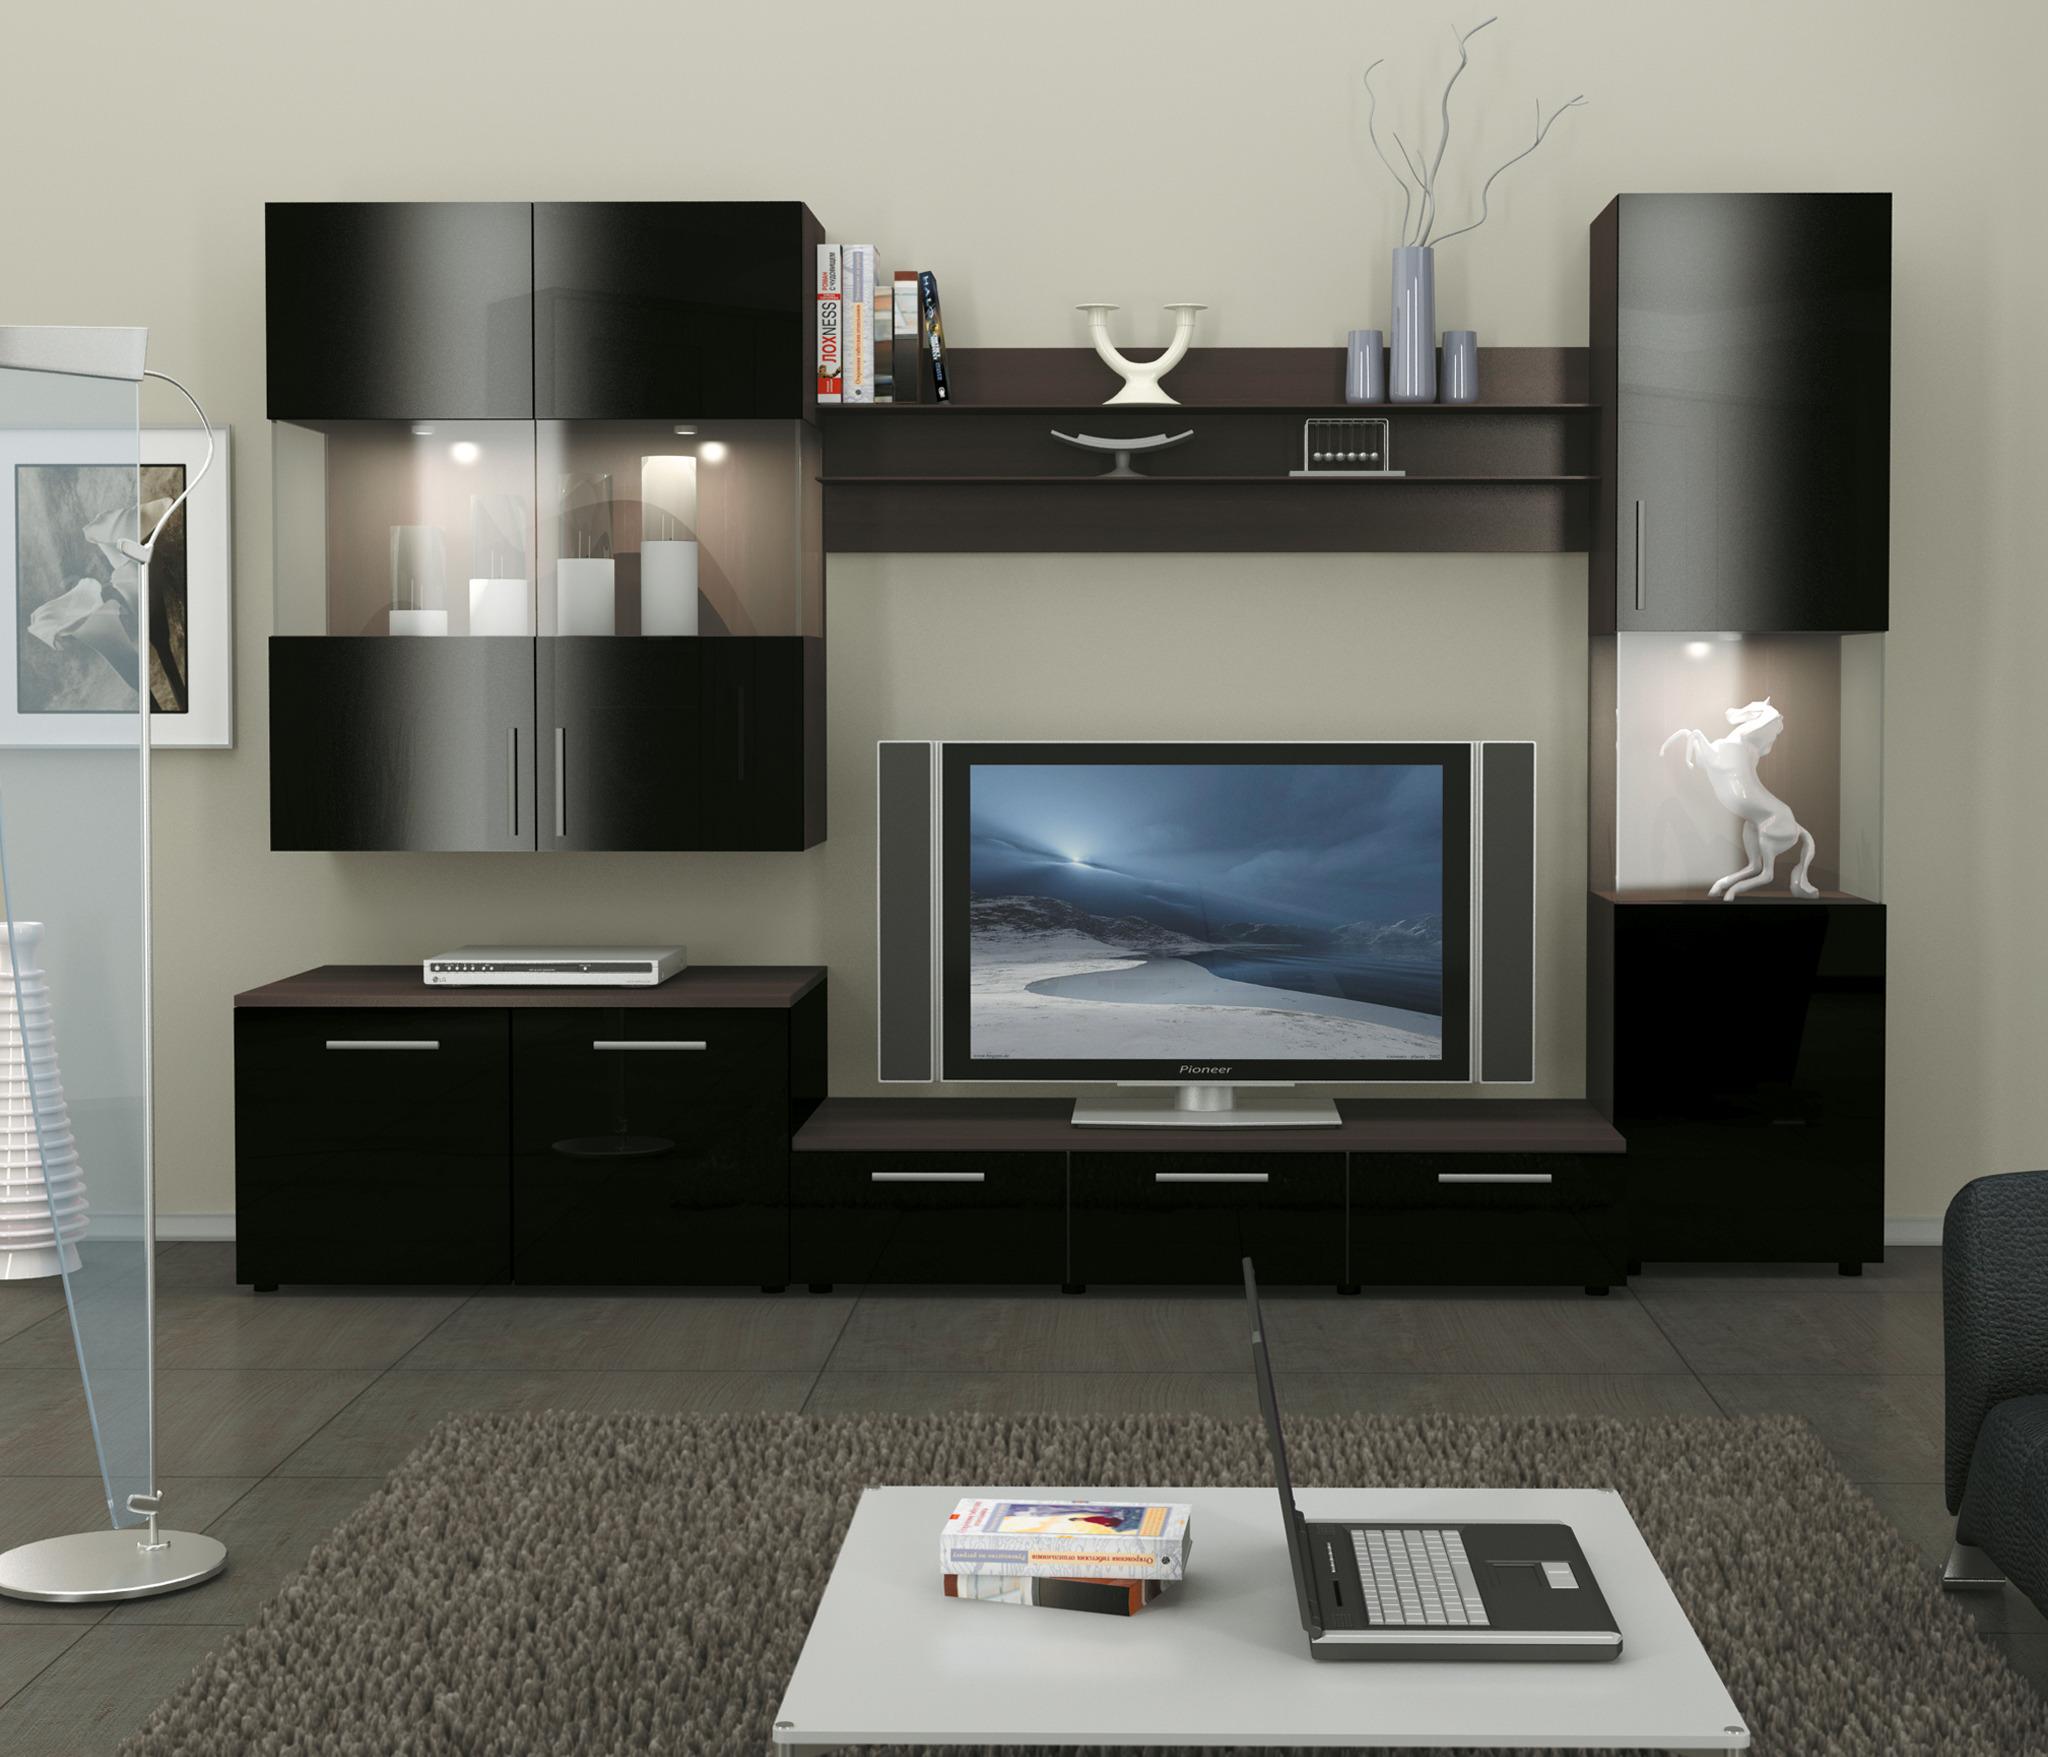 Фигаро стенкаСтенки для гостиной<br>Новая стенка для ценителей мебели в современном стиле. Фасады выполняются из МДФ в цвете чёрный глянец, корпуса из высококачественной плиты ДСП в цвете дуб феррара.&#13;Данная модель представлена в модульных гостиных, там вы можете набрать необходимое количество элементов. Материал корпуса -ЛДСП,&#13;Цвет корпуса - Дуб феррара,&#13;Материал фасада - МДФ, Цвет фасада- Черный Глянец, &#13;Витрина - Прозрачное стекло;        &#13;Длина 3000 мм / Высота 2000 мм / Глубина 620 мм /  ТВ с диагональю до 48 (дюймов)         &#13;Современный Стиль.&#13;]]&gt;<br><br>Длина мм: 3000<br>Высота мм: 2000<br>Глубина мм: 620